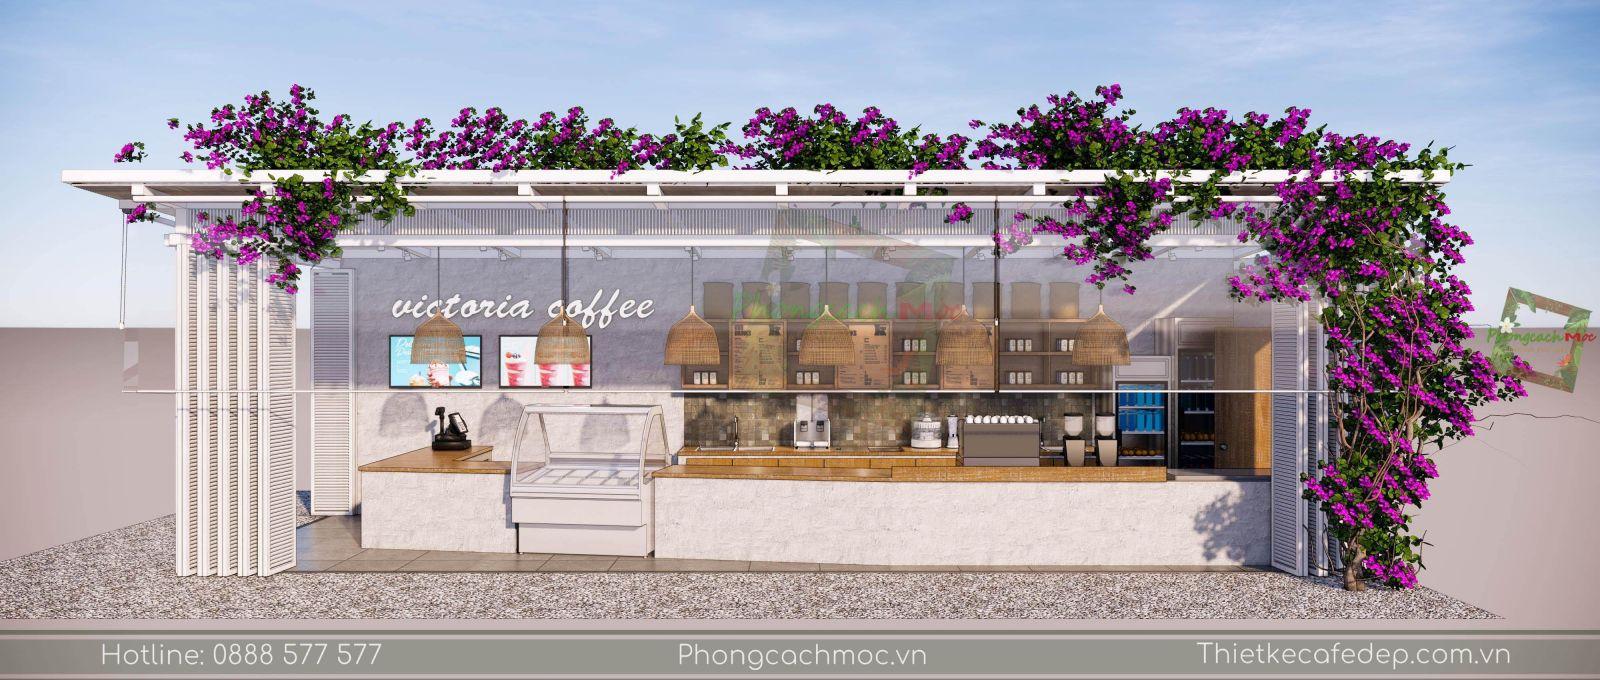 thiết kế quán cafe sân vườn khu vực quầy bar - 3